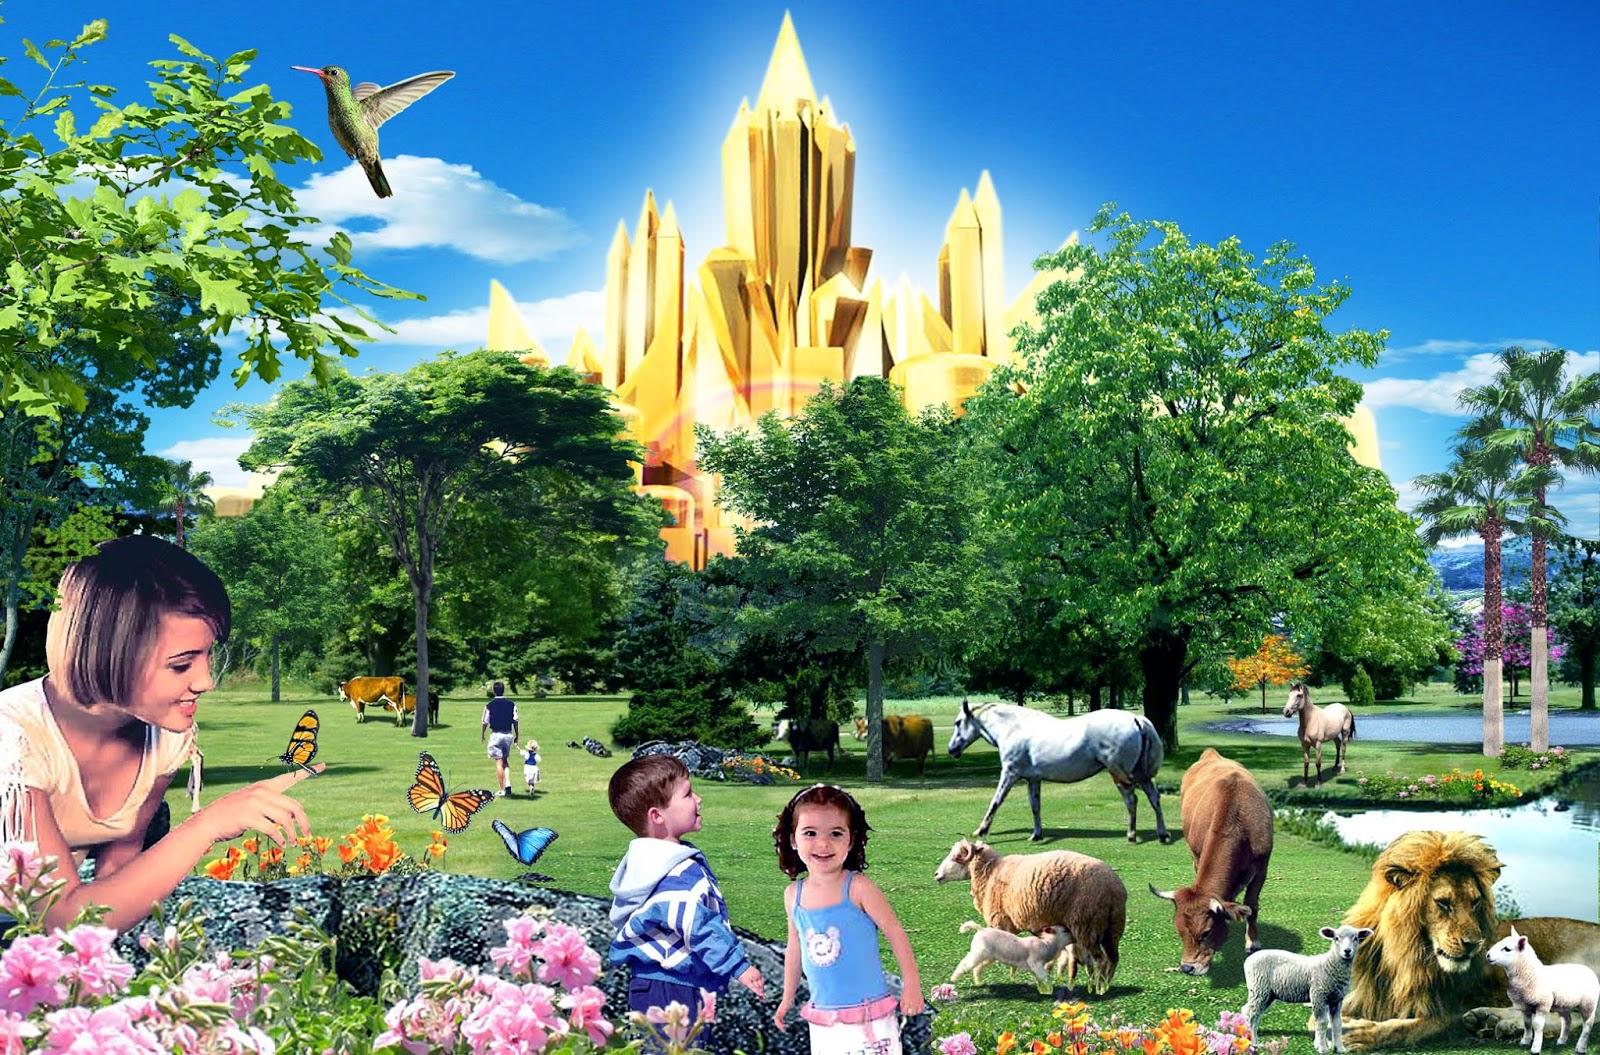 Ilustração do reino milenar de Cristo na Terra